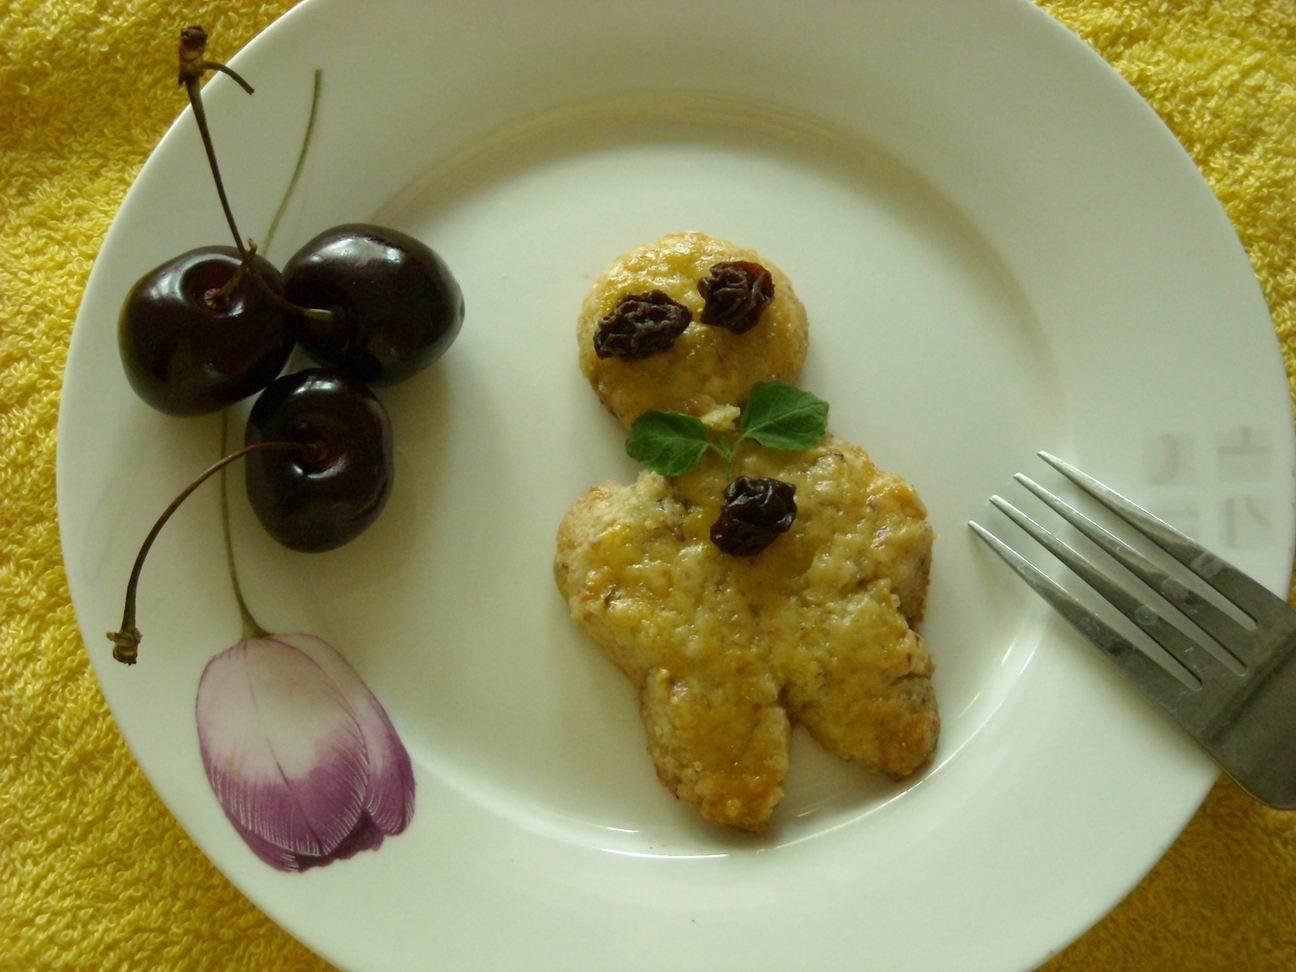 童心玩烘焙:可爱的卡通饼干